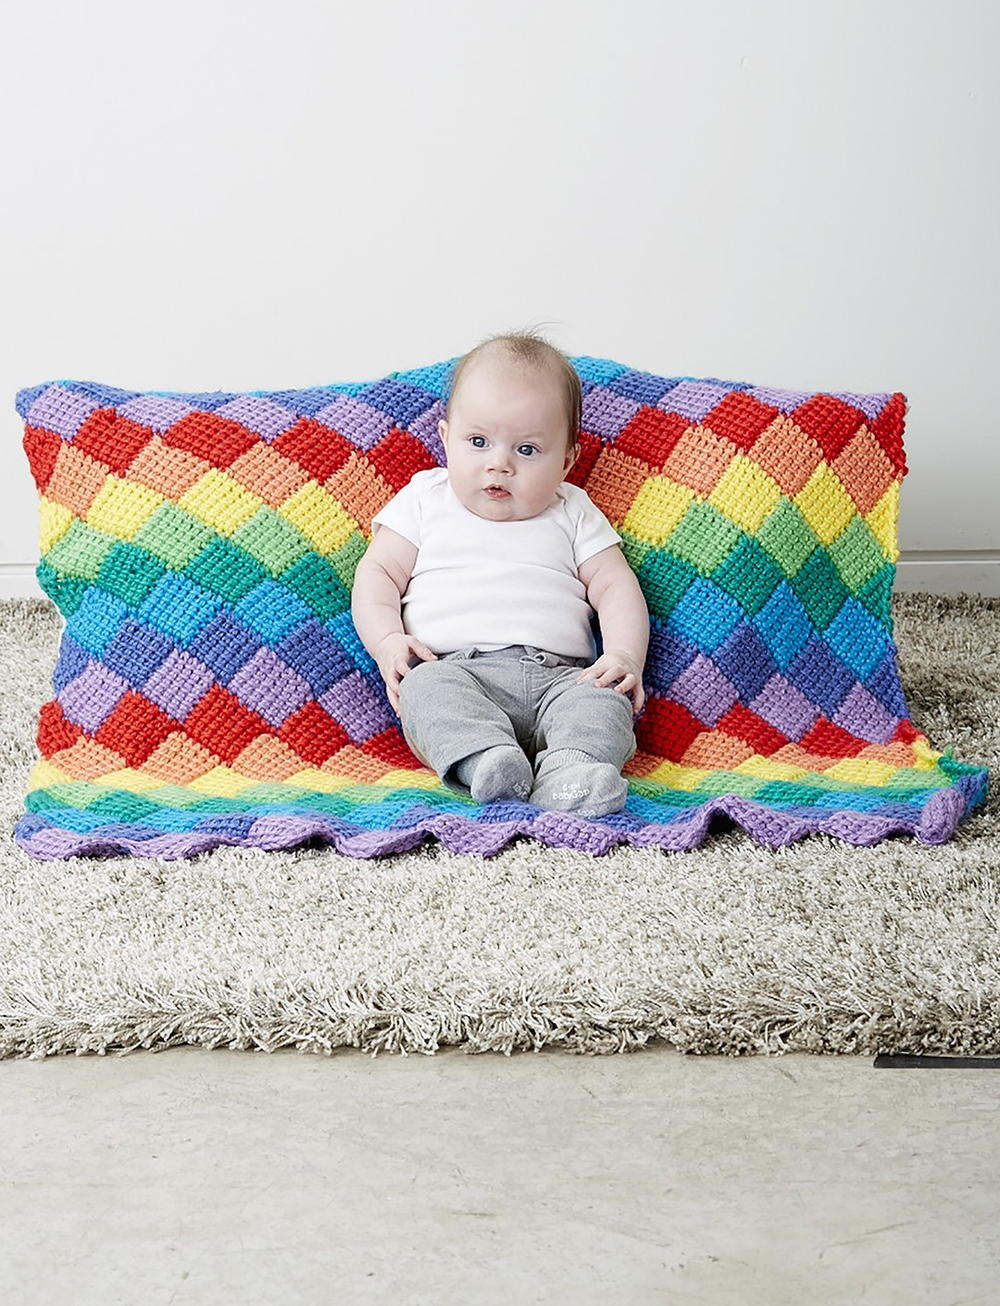 Rainbow Tunisian Crochet Baby Blanket Pattern Allfreecrochet